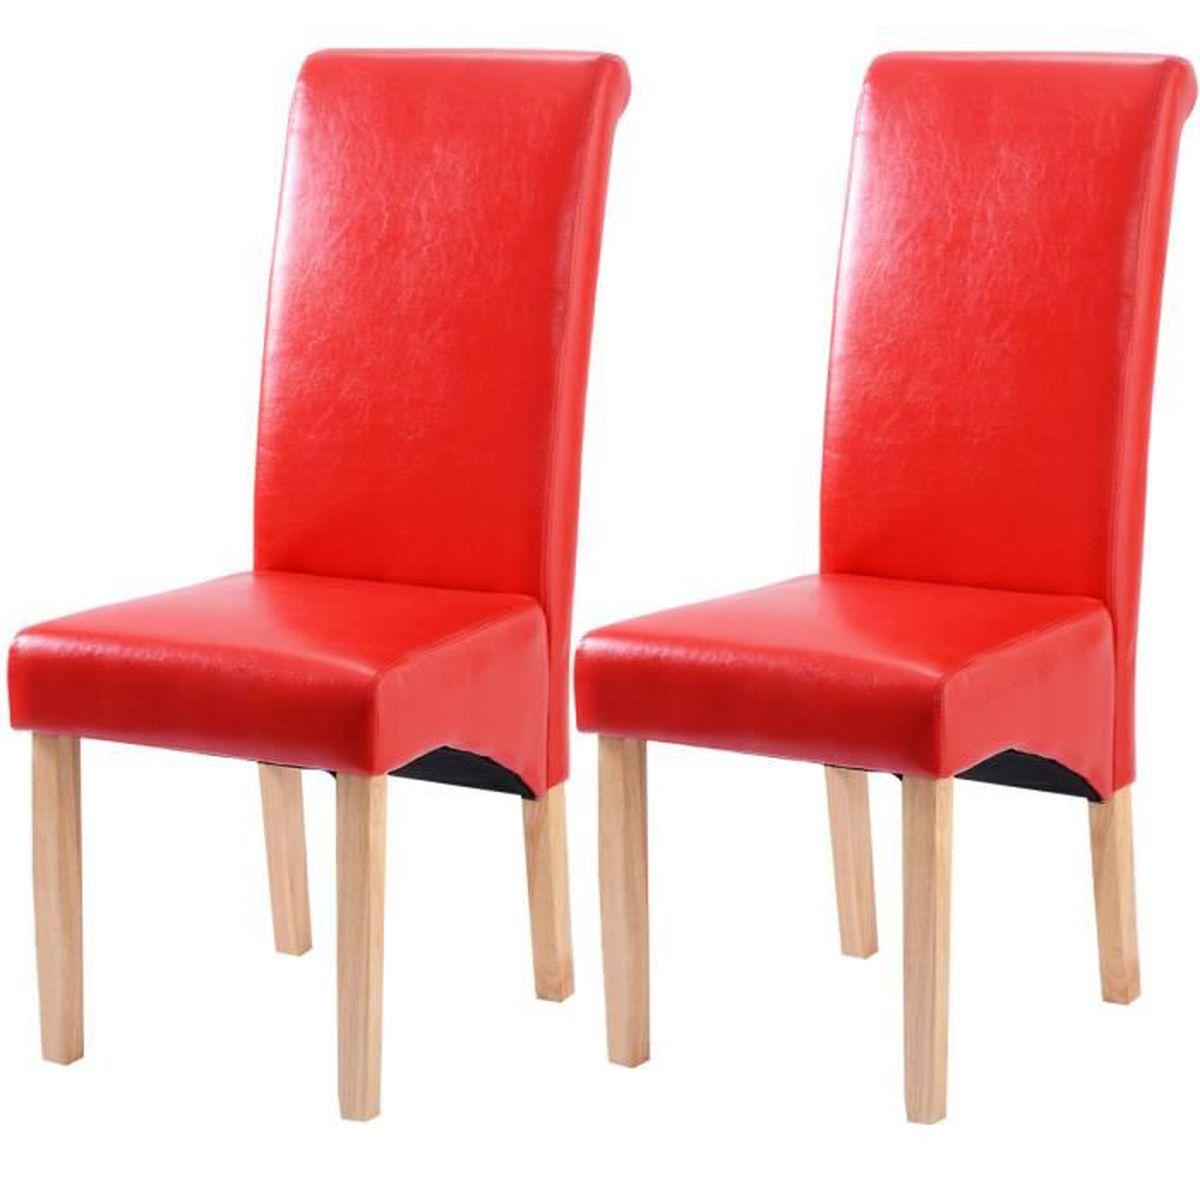 Lot de 2 chaises de salle manger chaise cuisine pieds en for Chaise rouge salle a manger